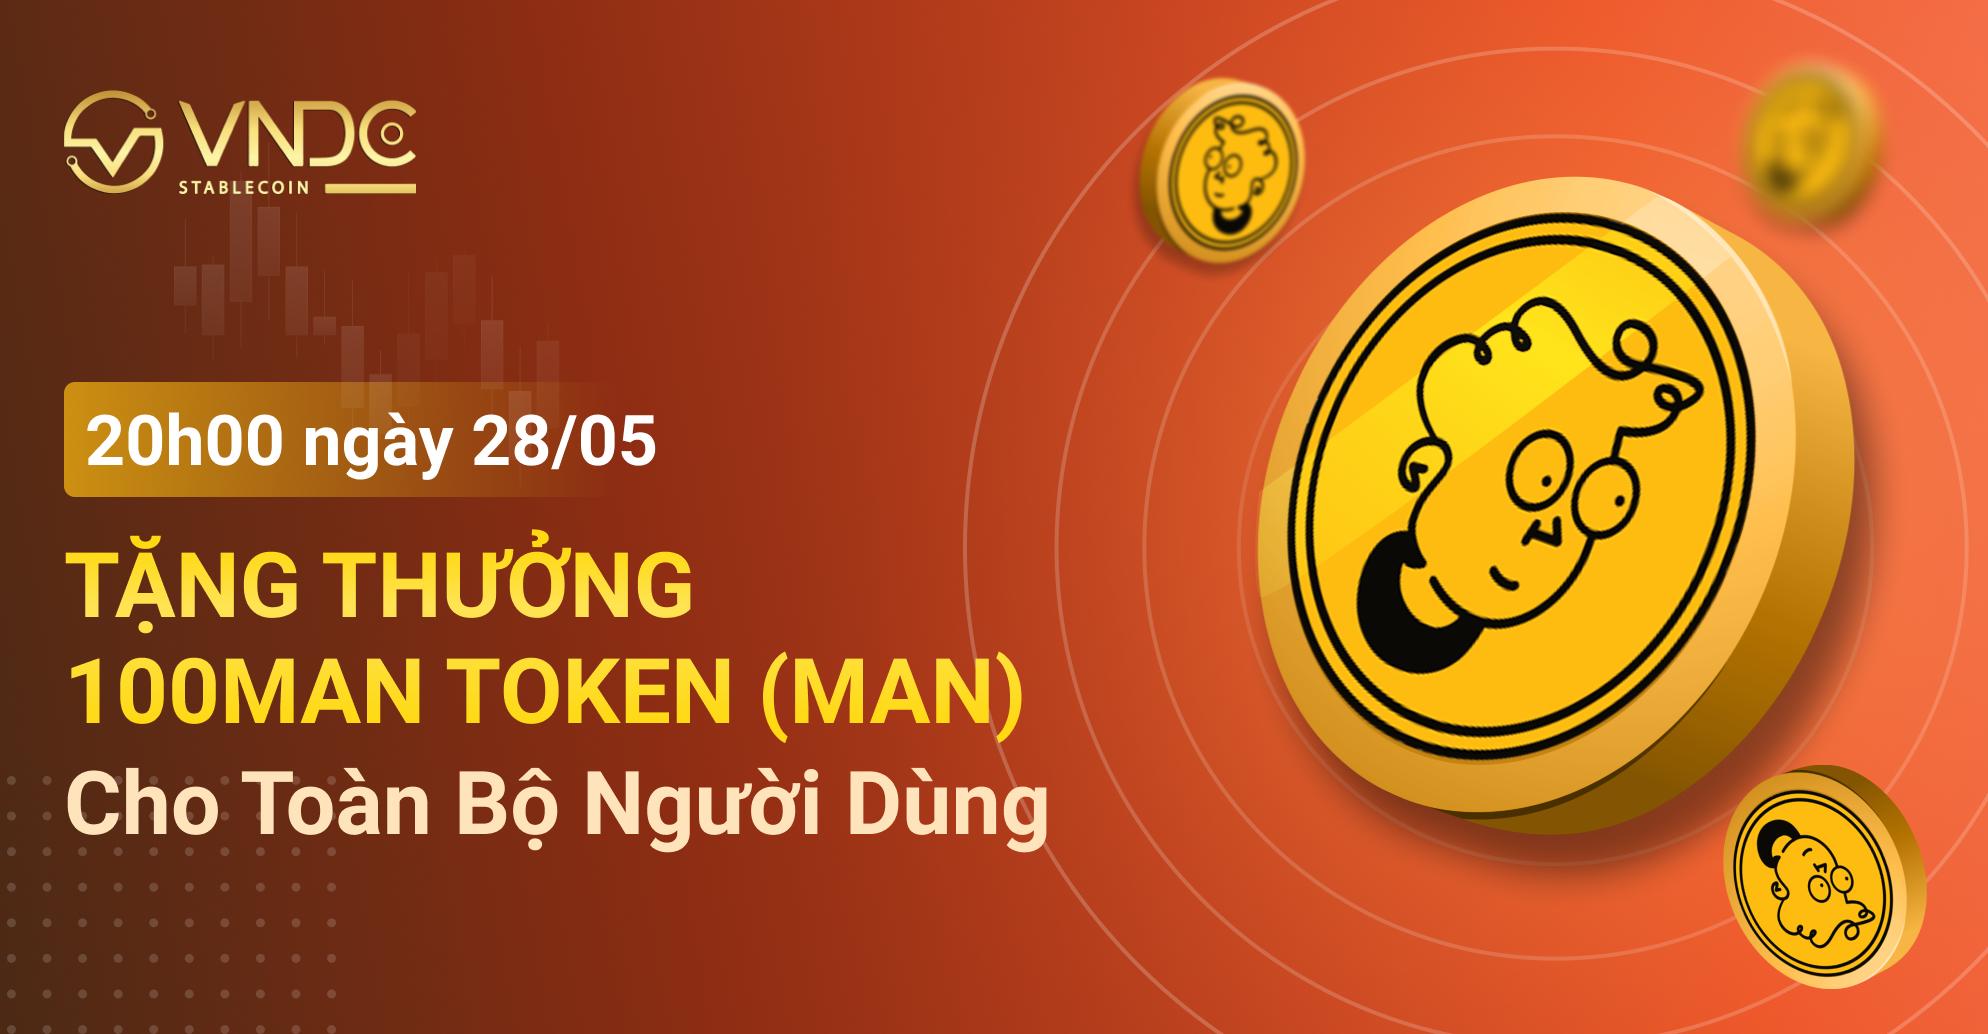 Tặng thưởng 100Man Token (MAN) cho toàn bộ người dùng vào 20h00 hôm nay